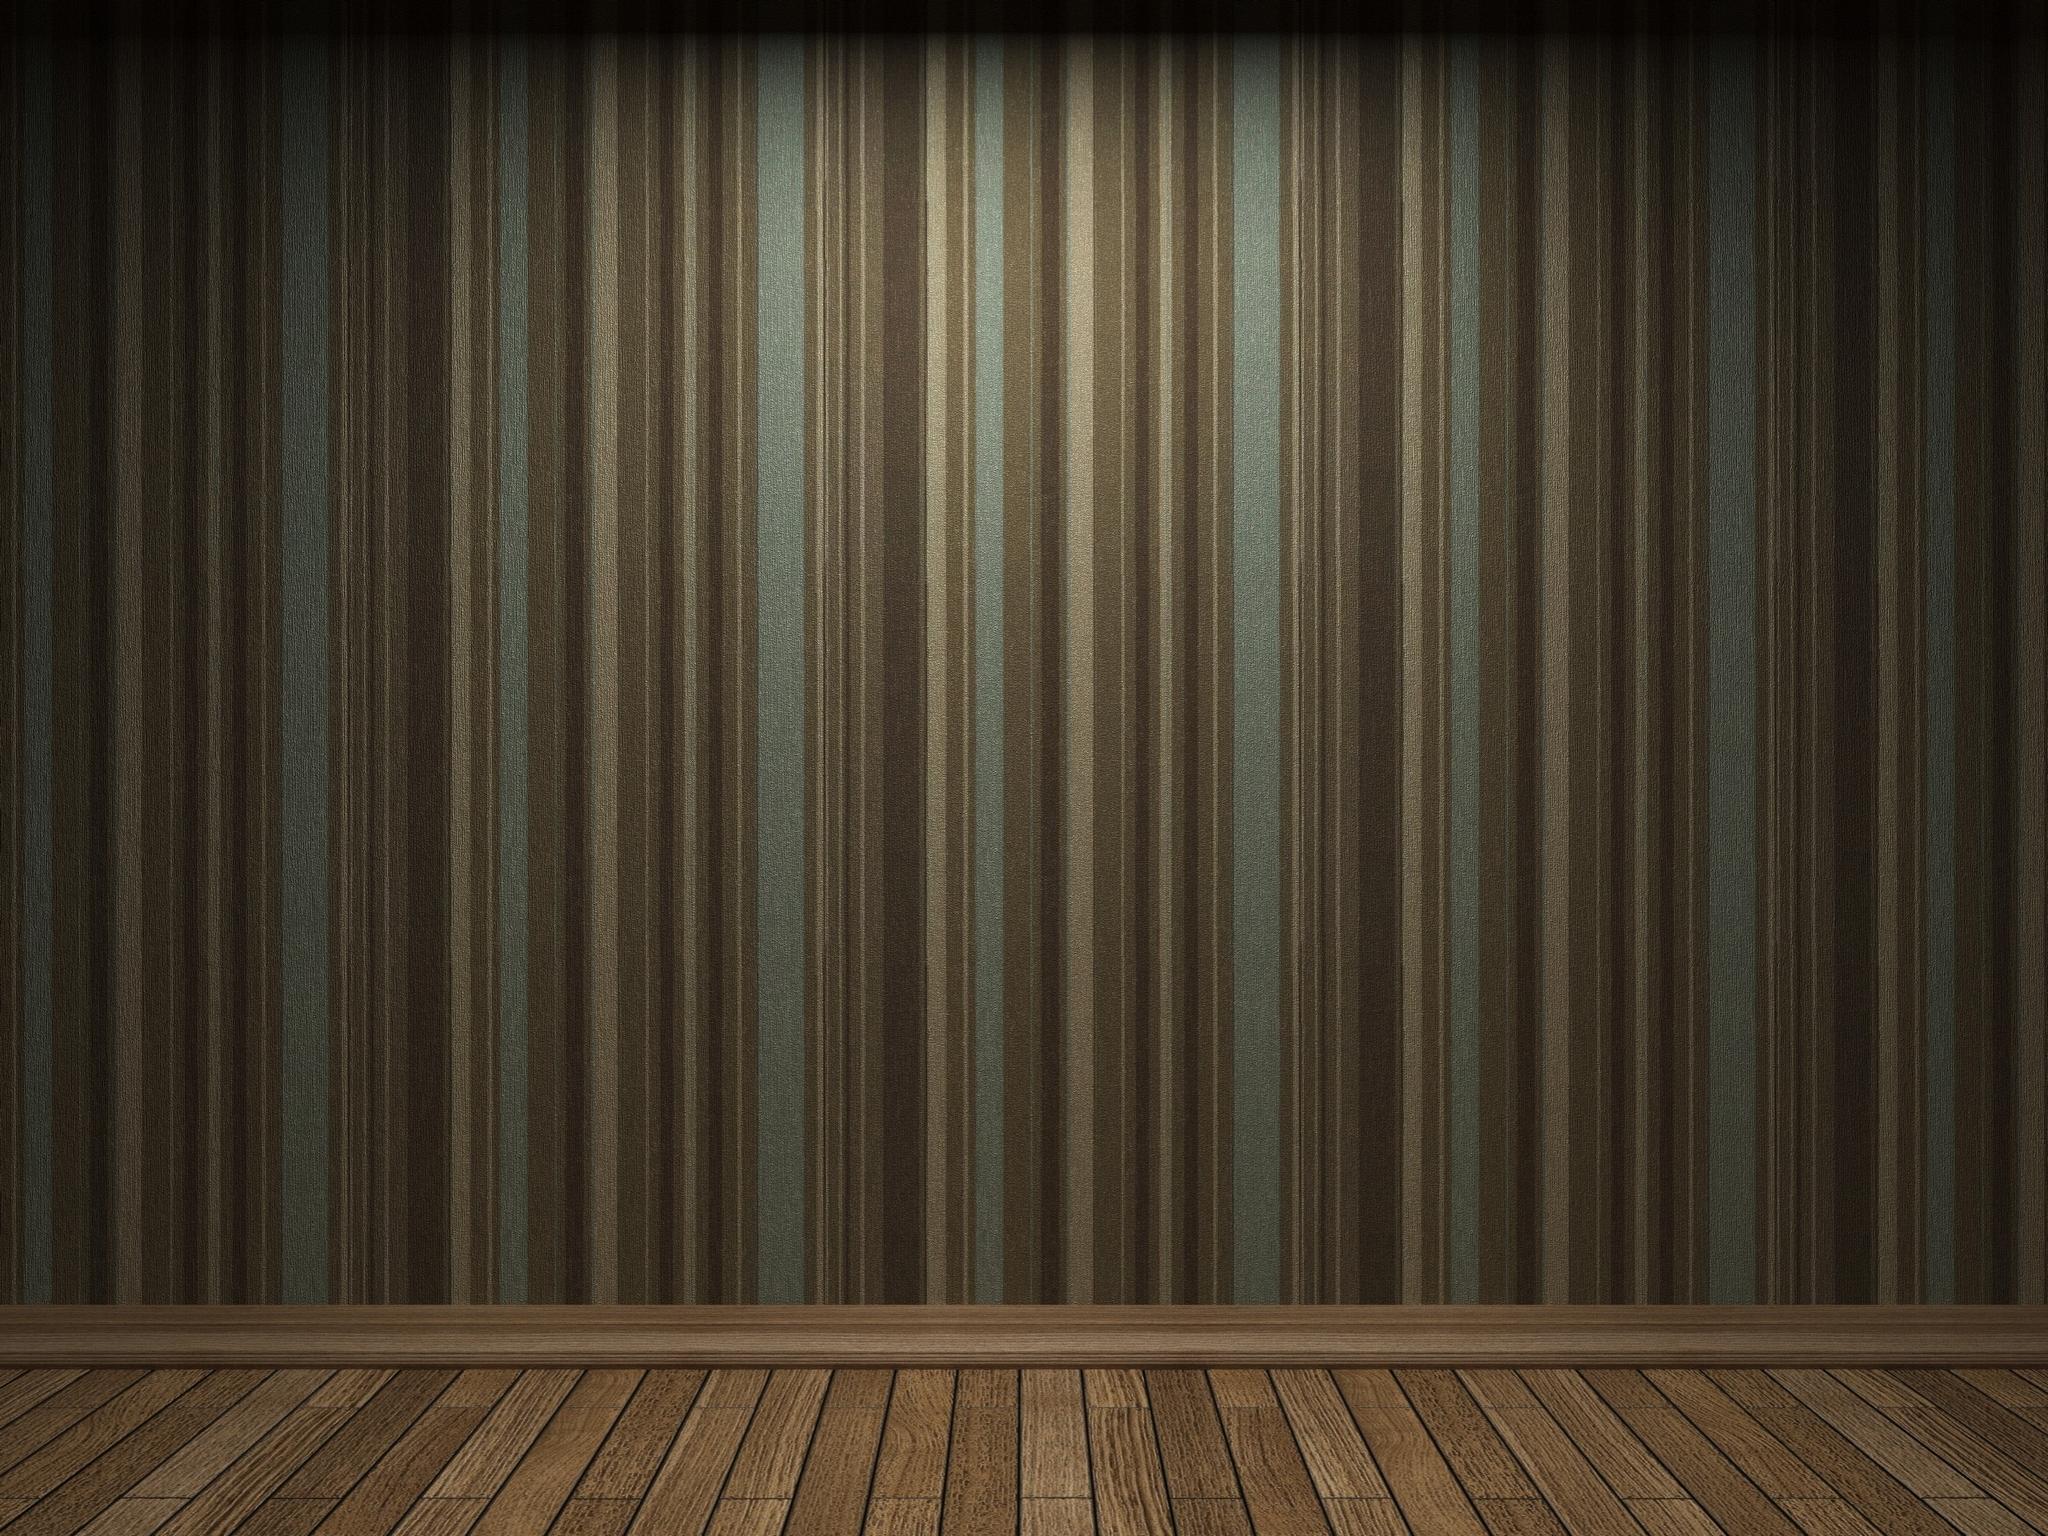 Elegant wall design   Designs Wallpaper 22687133 2048x1536